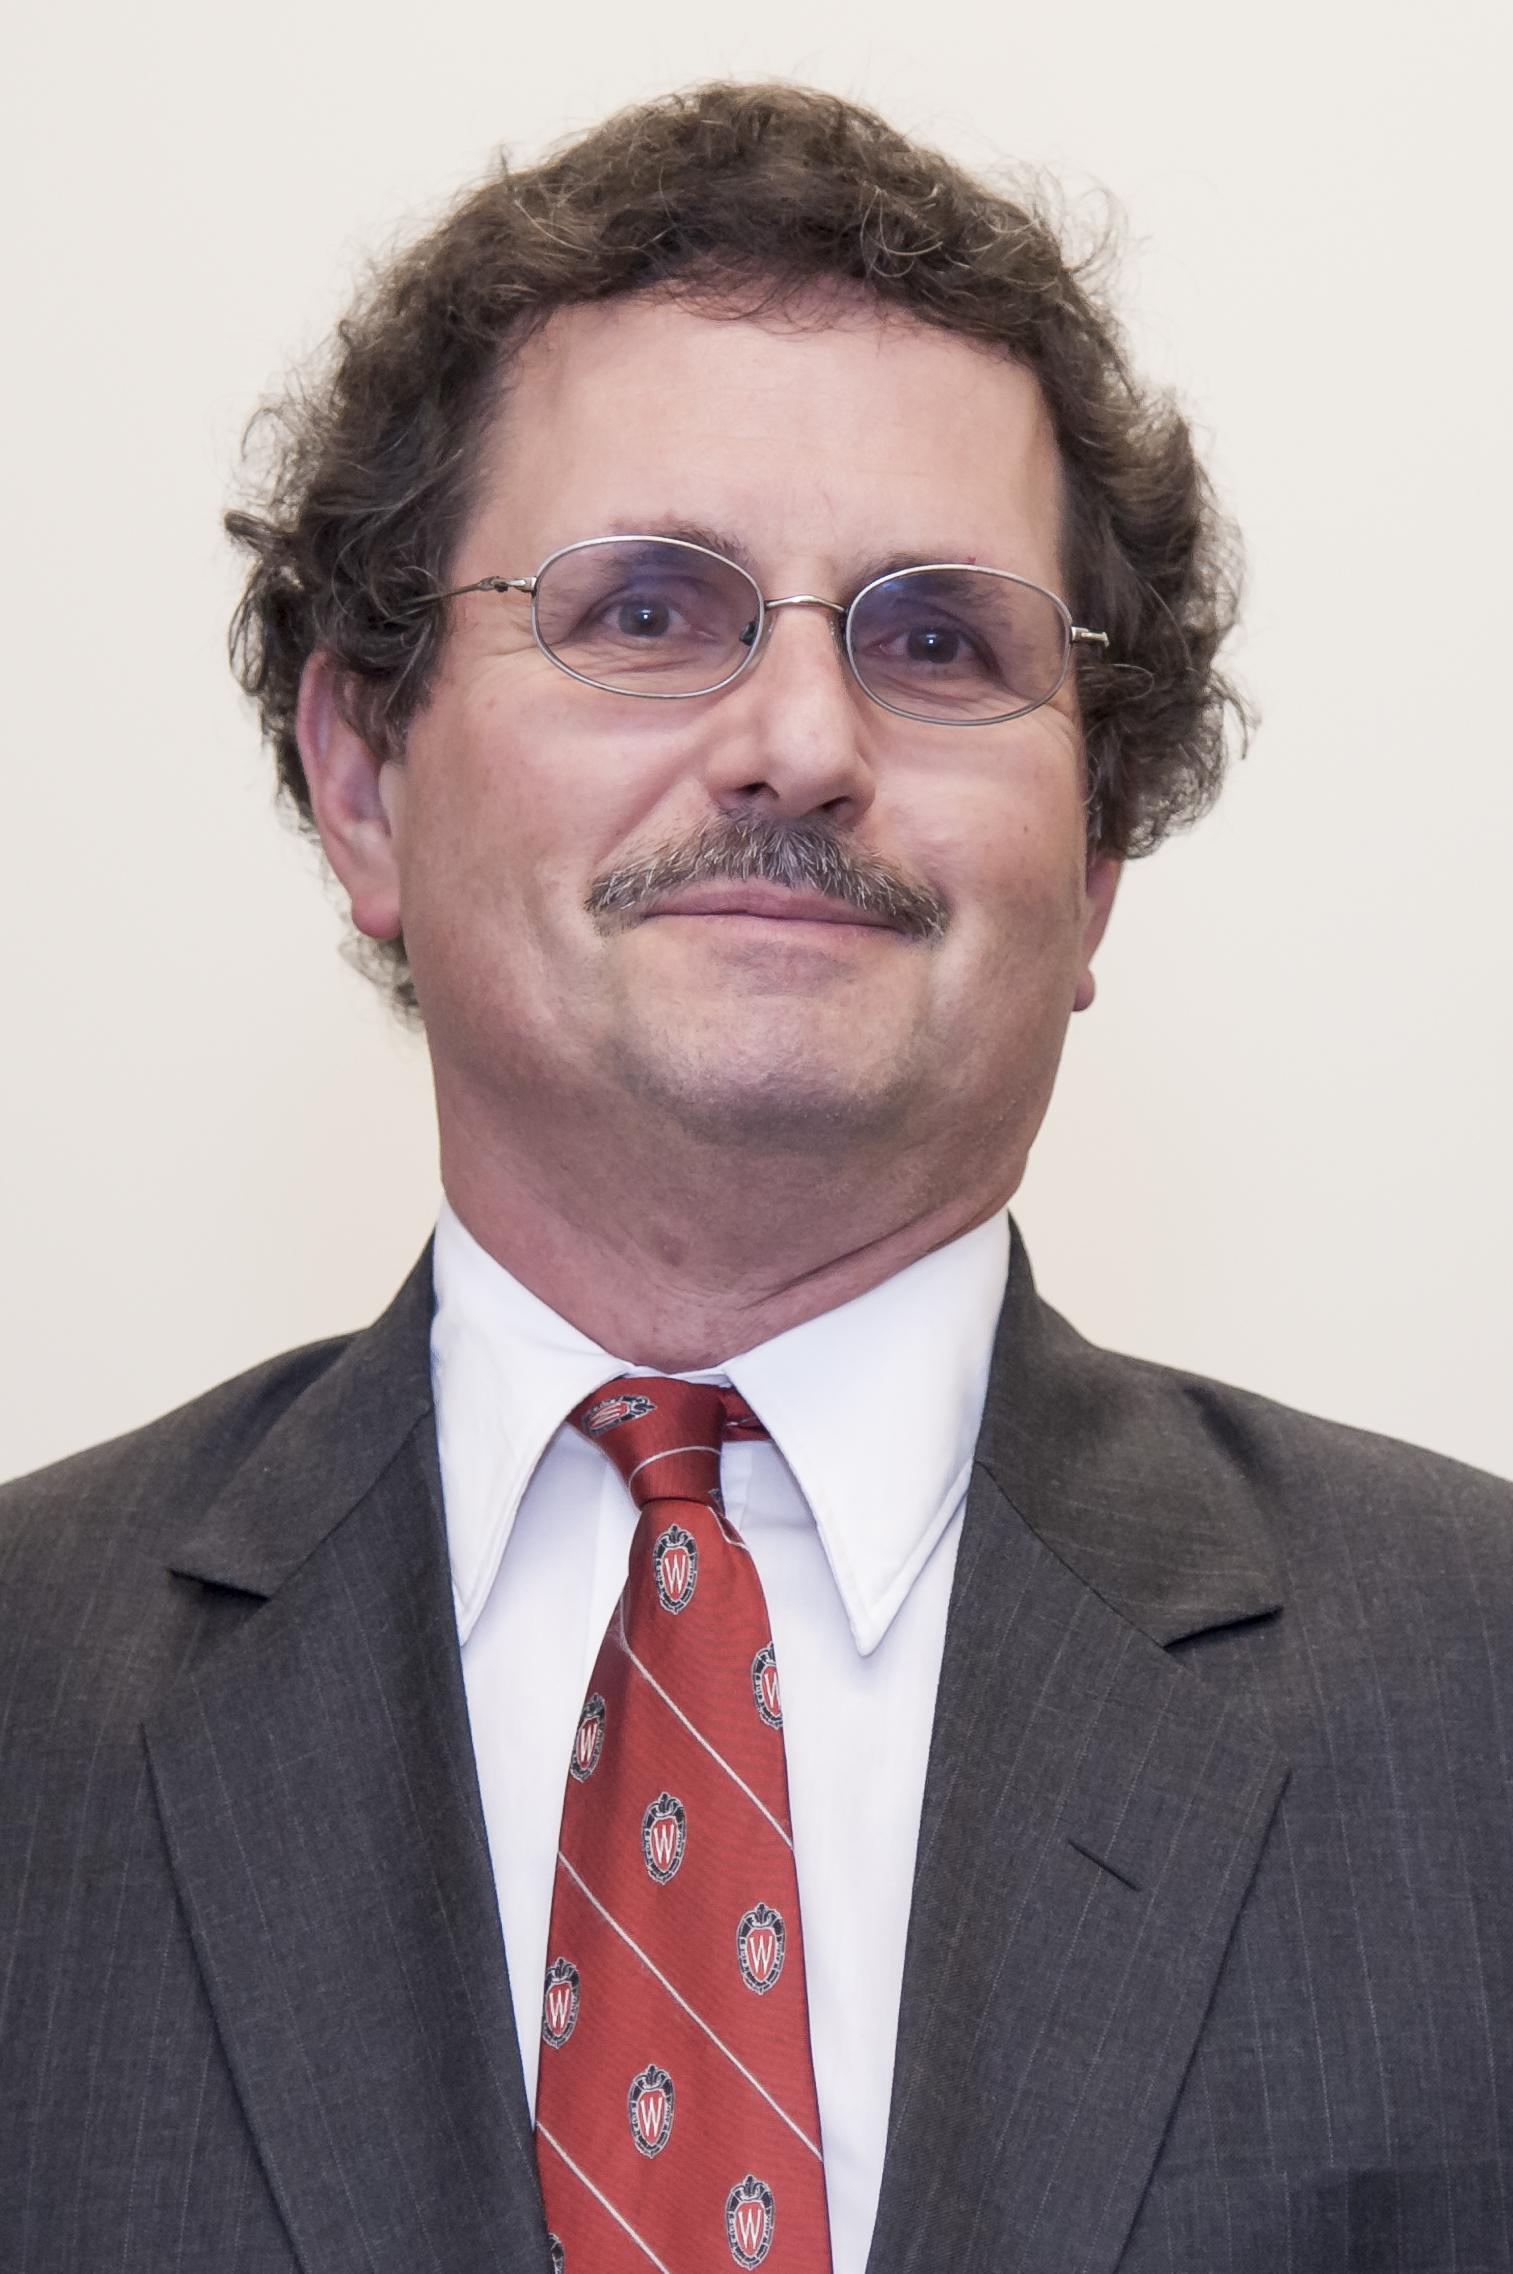 Peter J. Bonk, Ph.D.